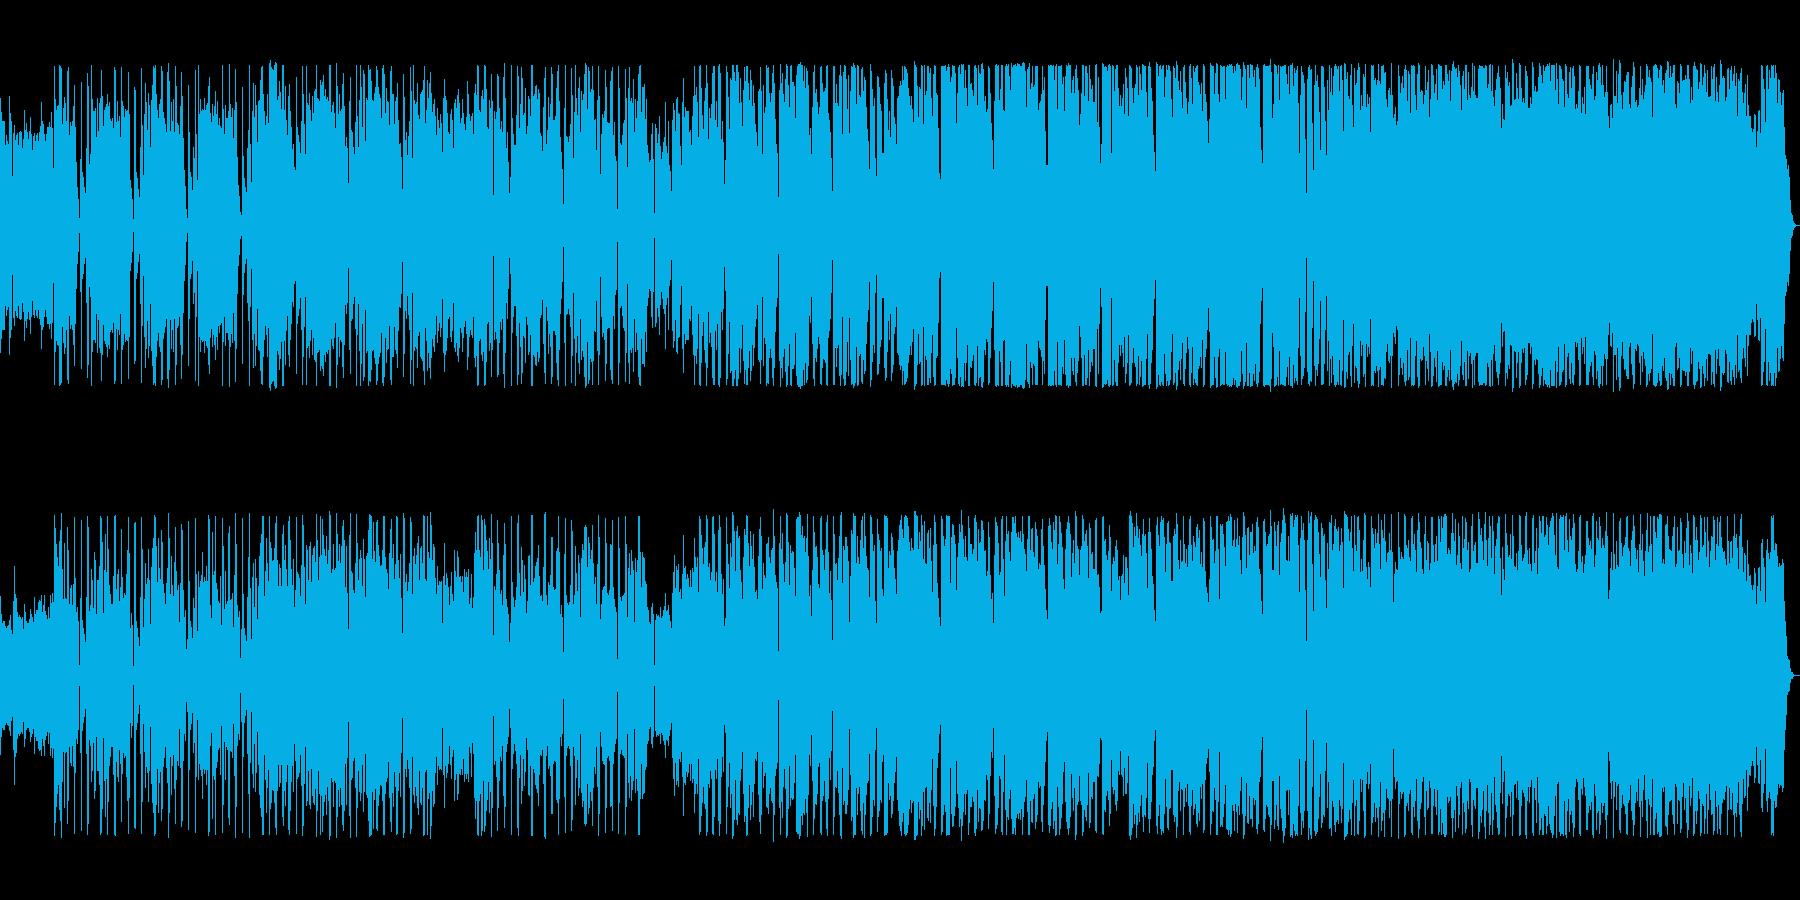 ワイルドな不規則なリズムが攻めてくる曲の再生済みの波形